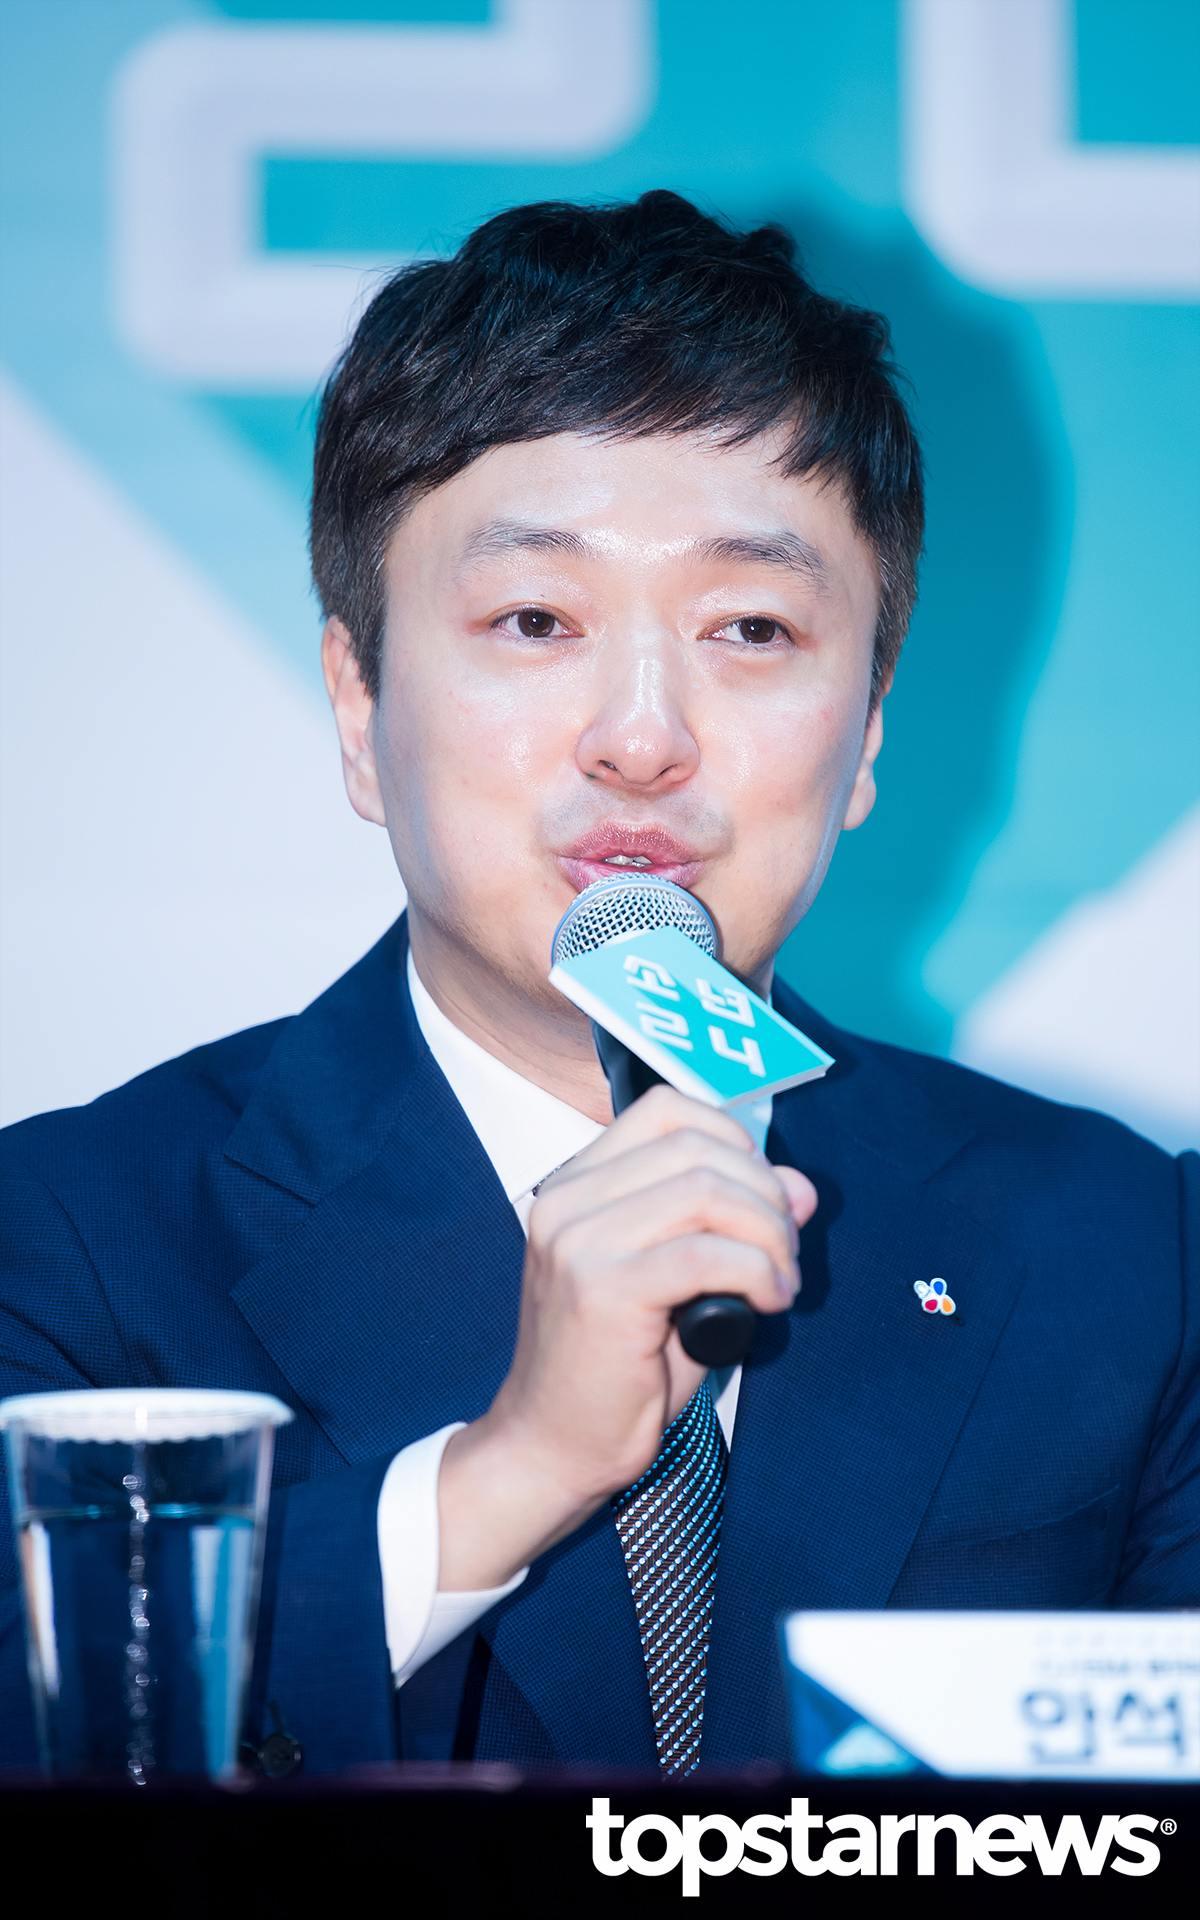 安石俊(안석준)代表在《少年24》的製作發表會上也表示《少年24》是一個以發掘、競爭、成長、進化,4個關鍵詞為目標而製作的節目,相信可以為韓流帶來一股新潮流。並會盡最大的努力讓49位成員都可以出道。